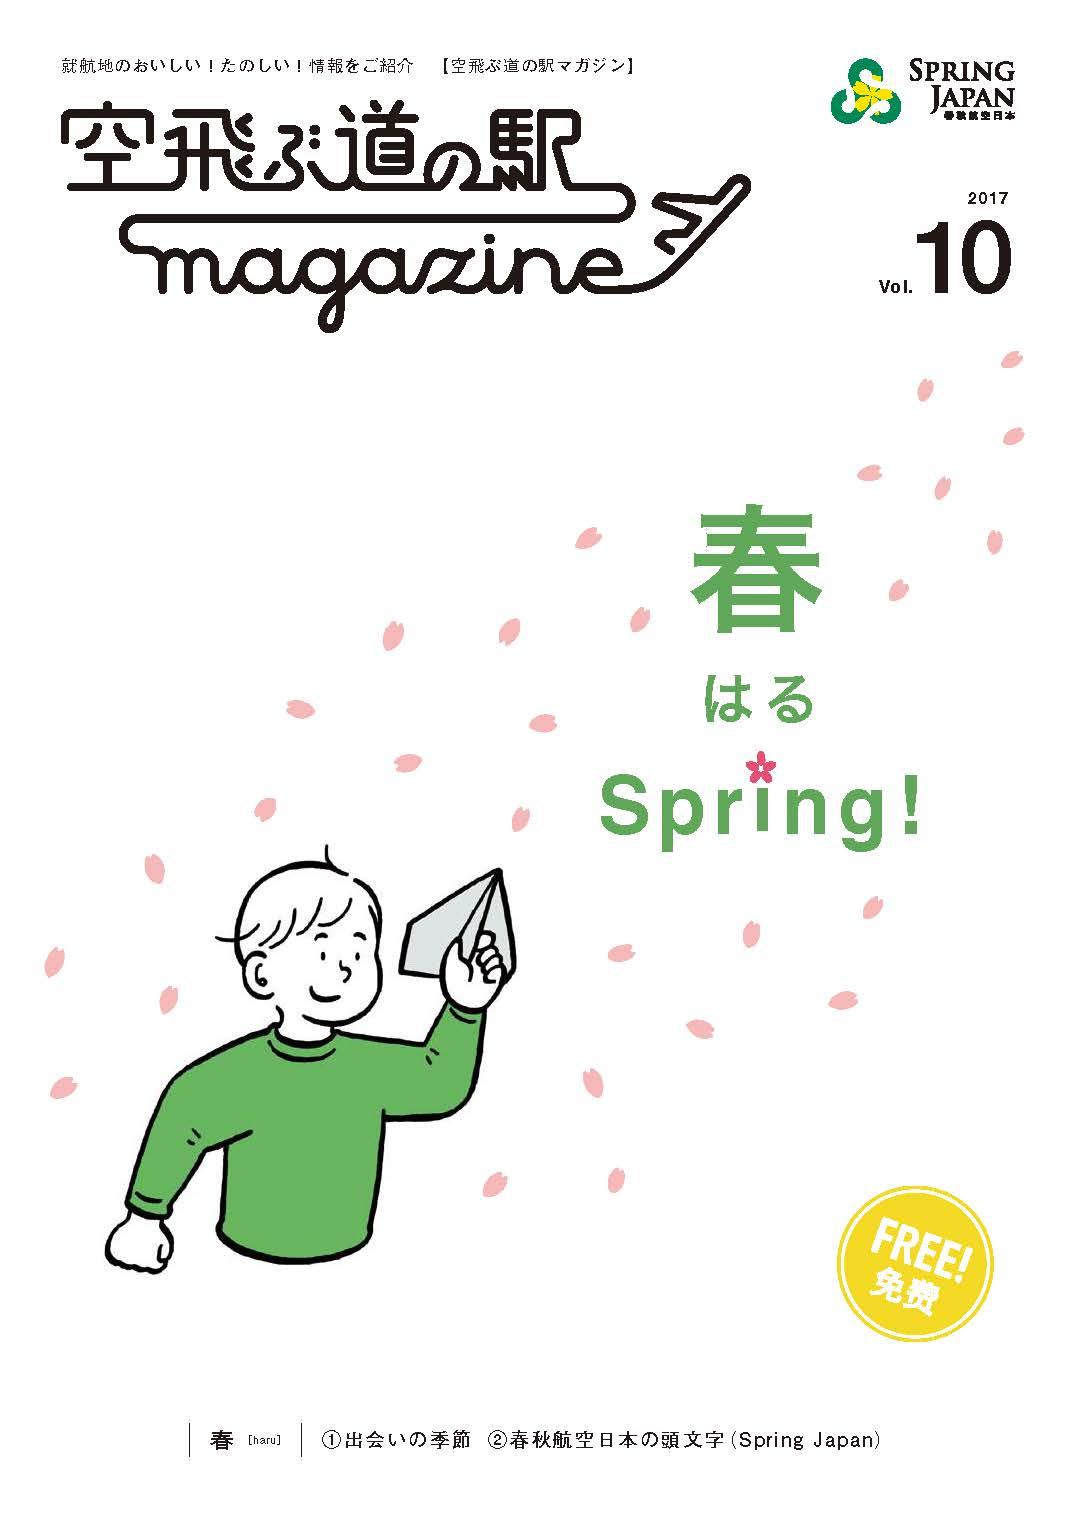 春秋航空日本機内誌 最新媒体資料と見本を更新しました!